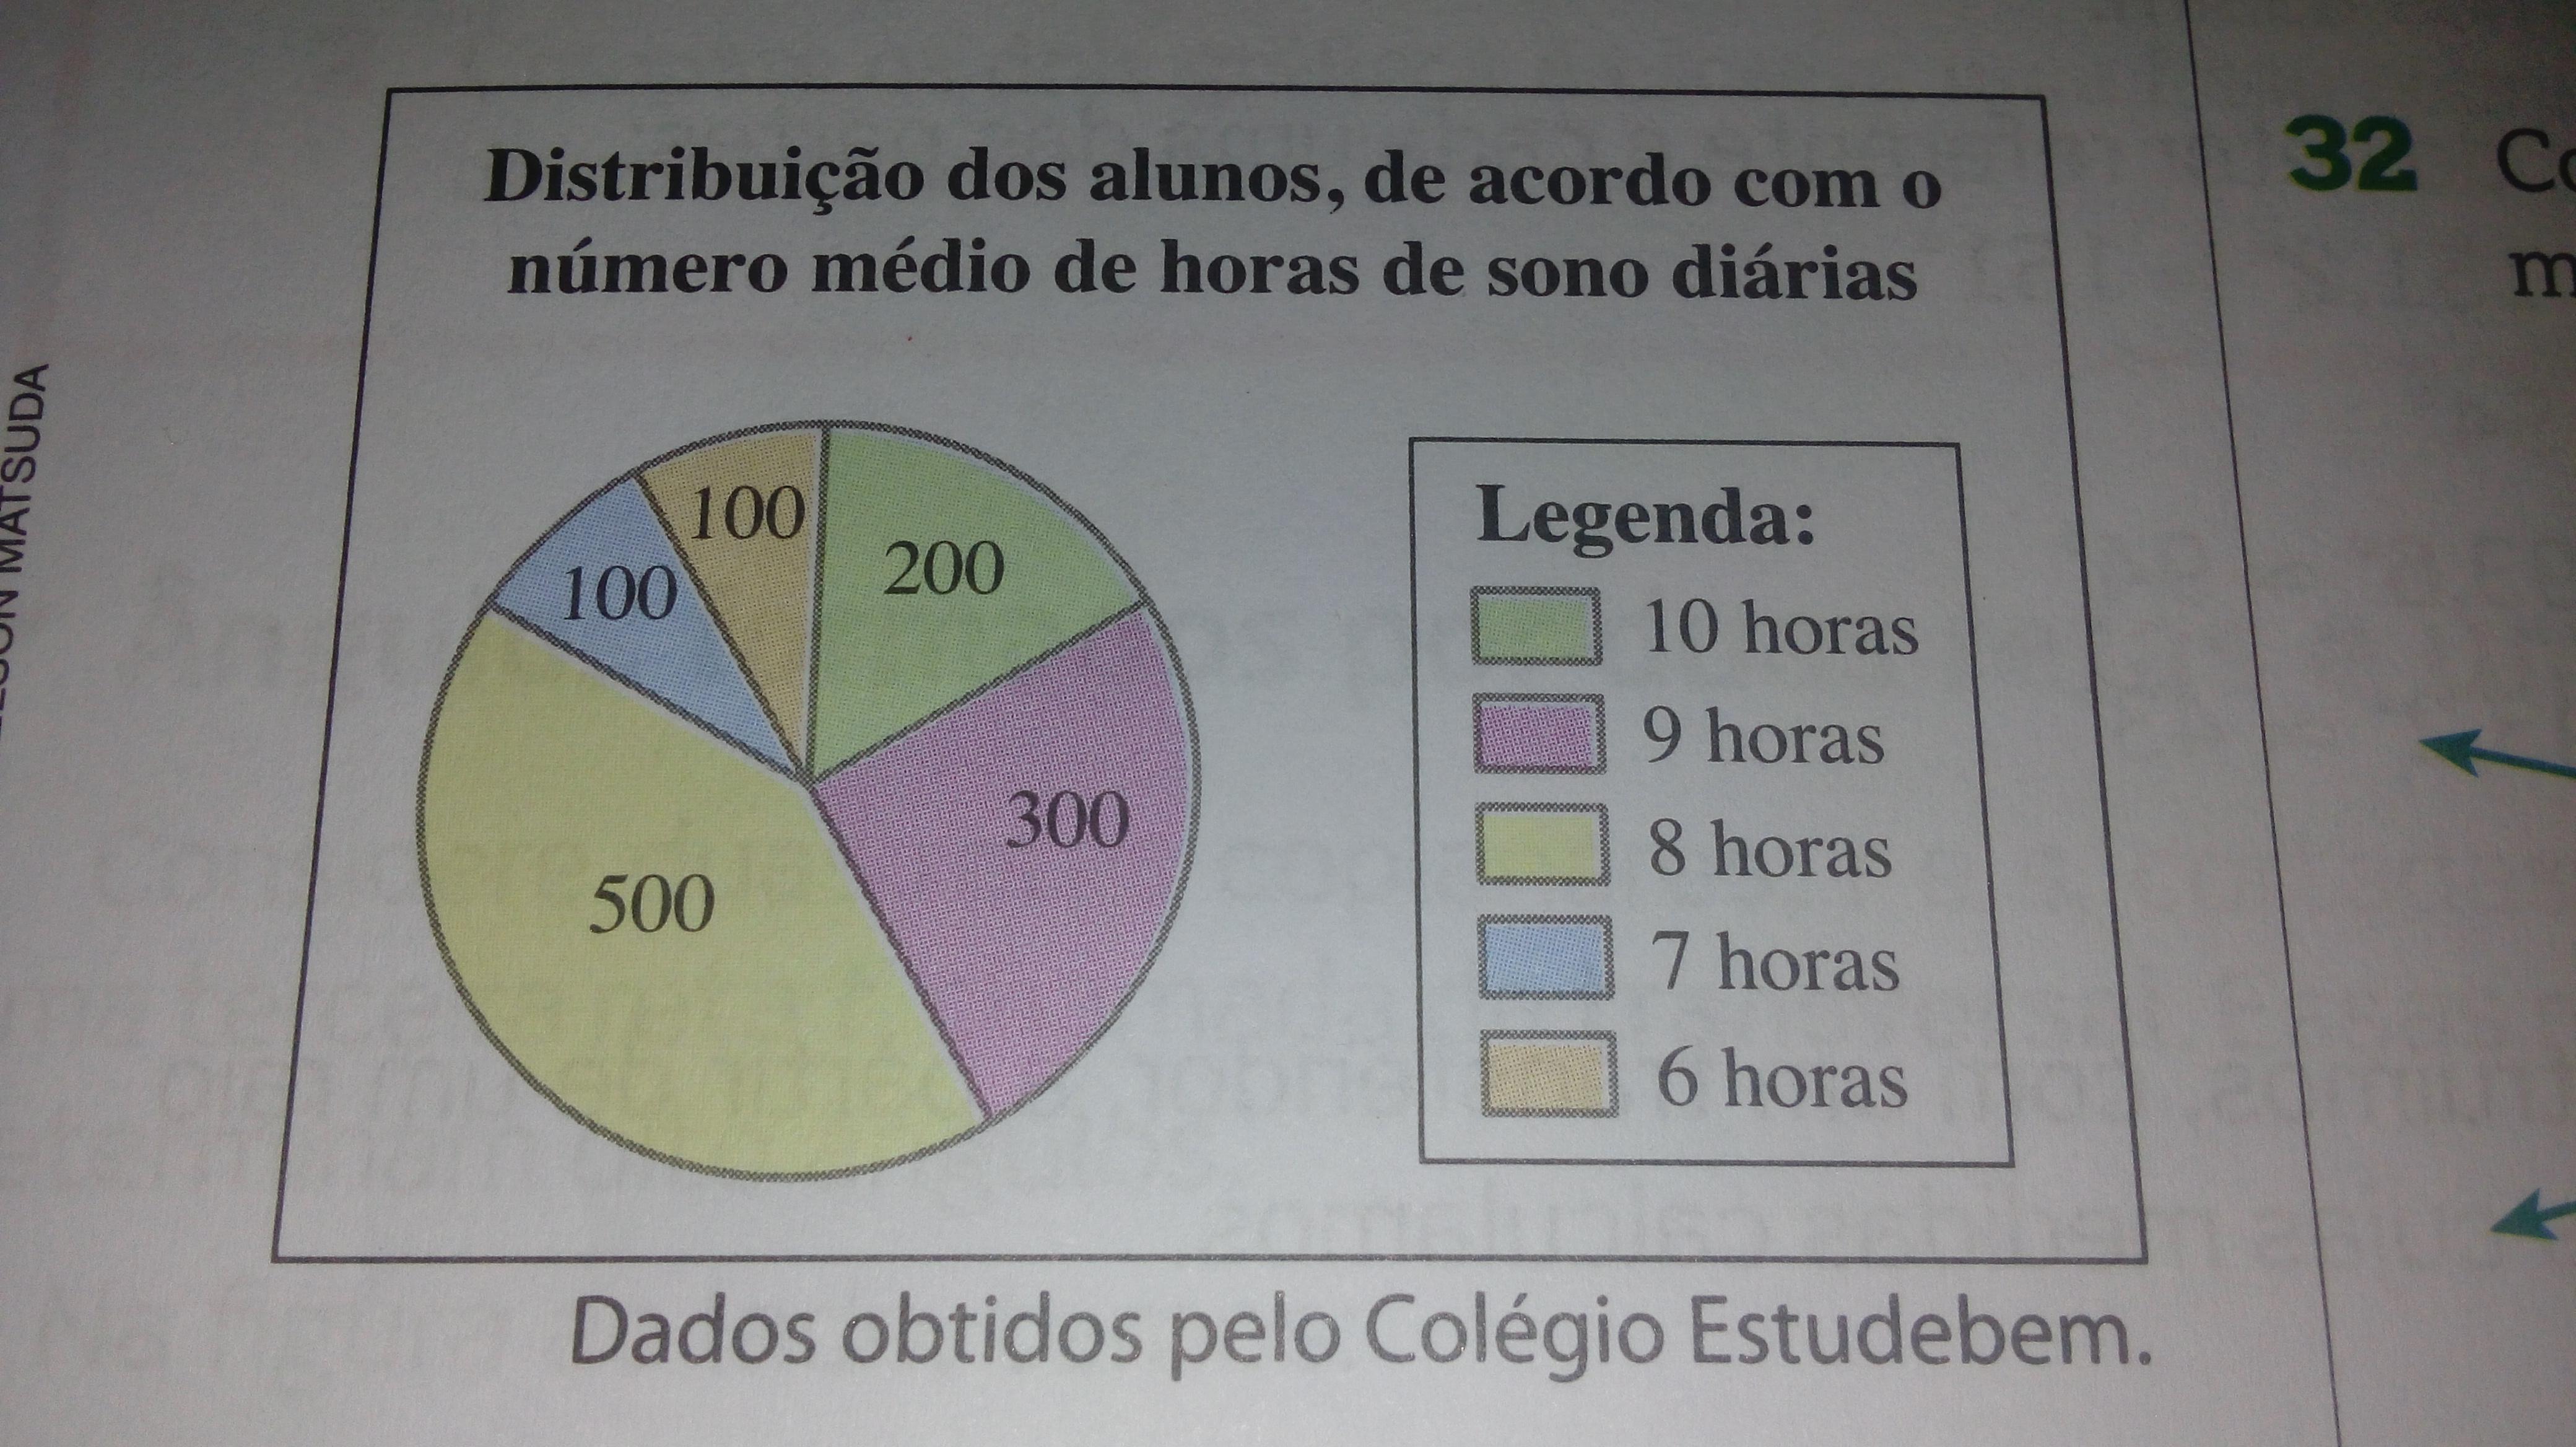 d classifique os ângulos de cada setor como reto agudo ou obtuso